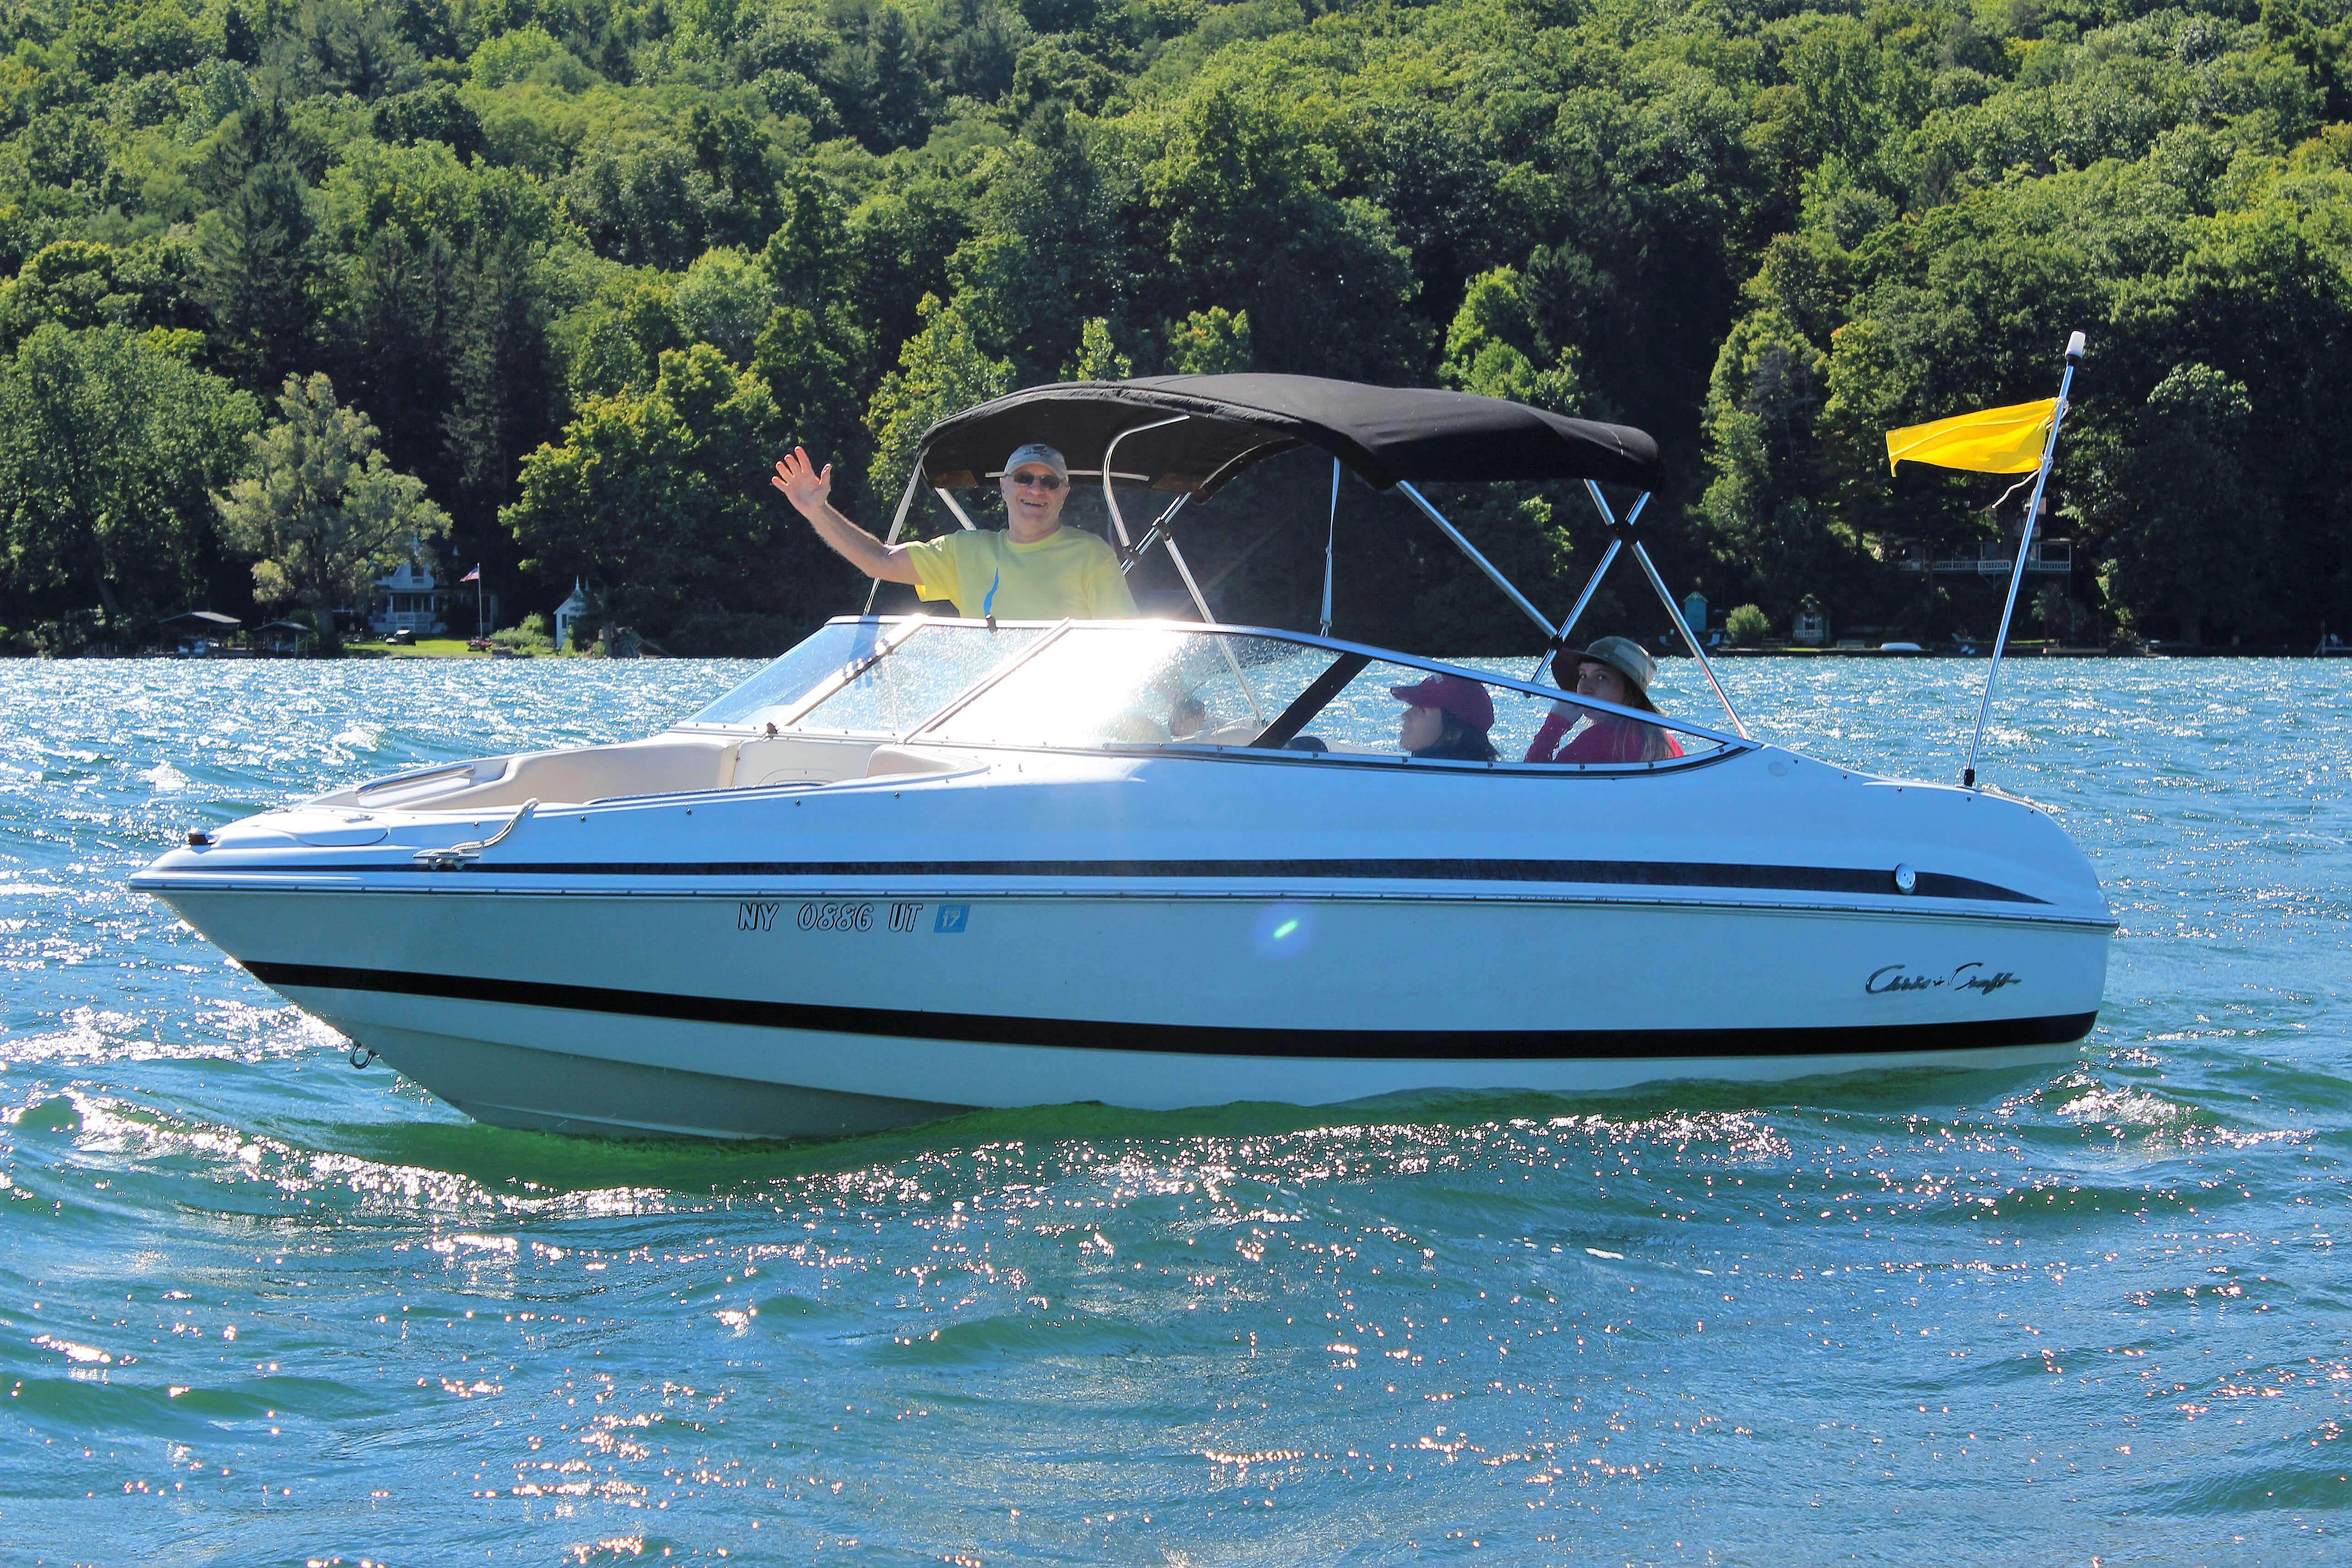 Boat on Cayuga Lake